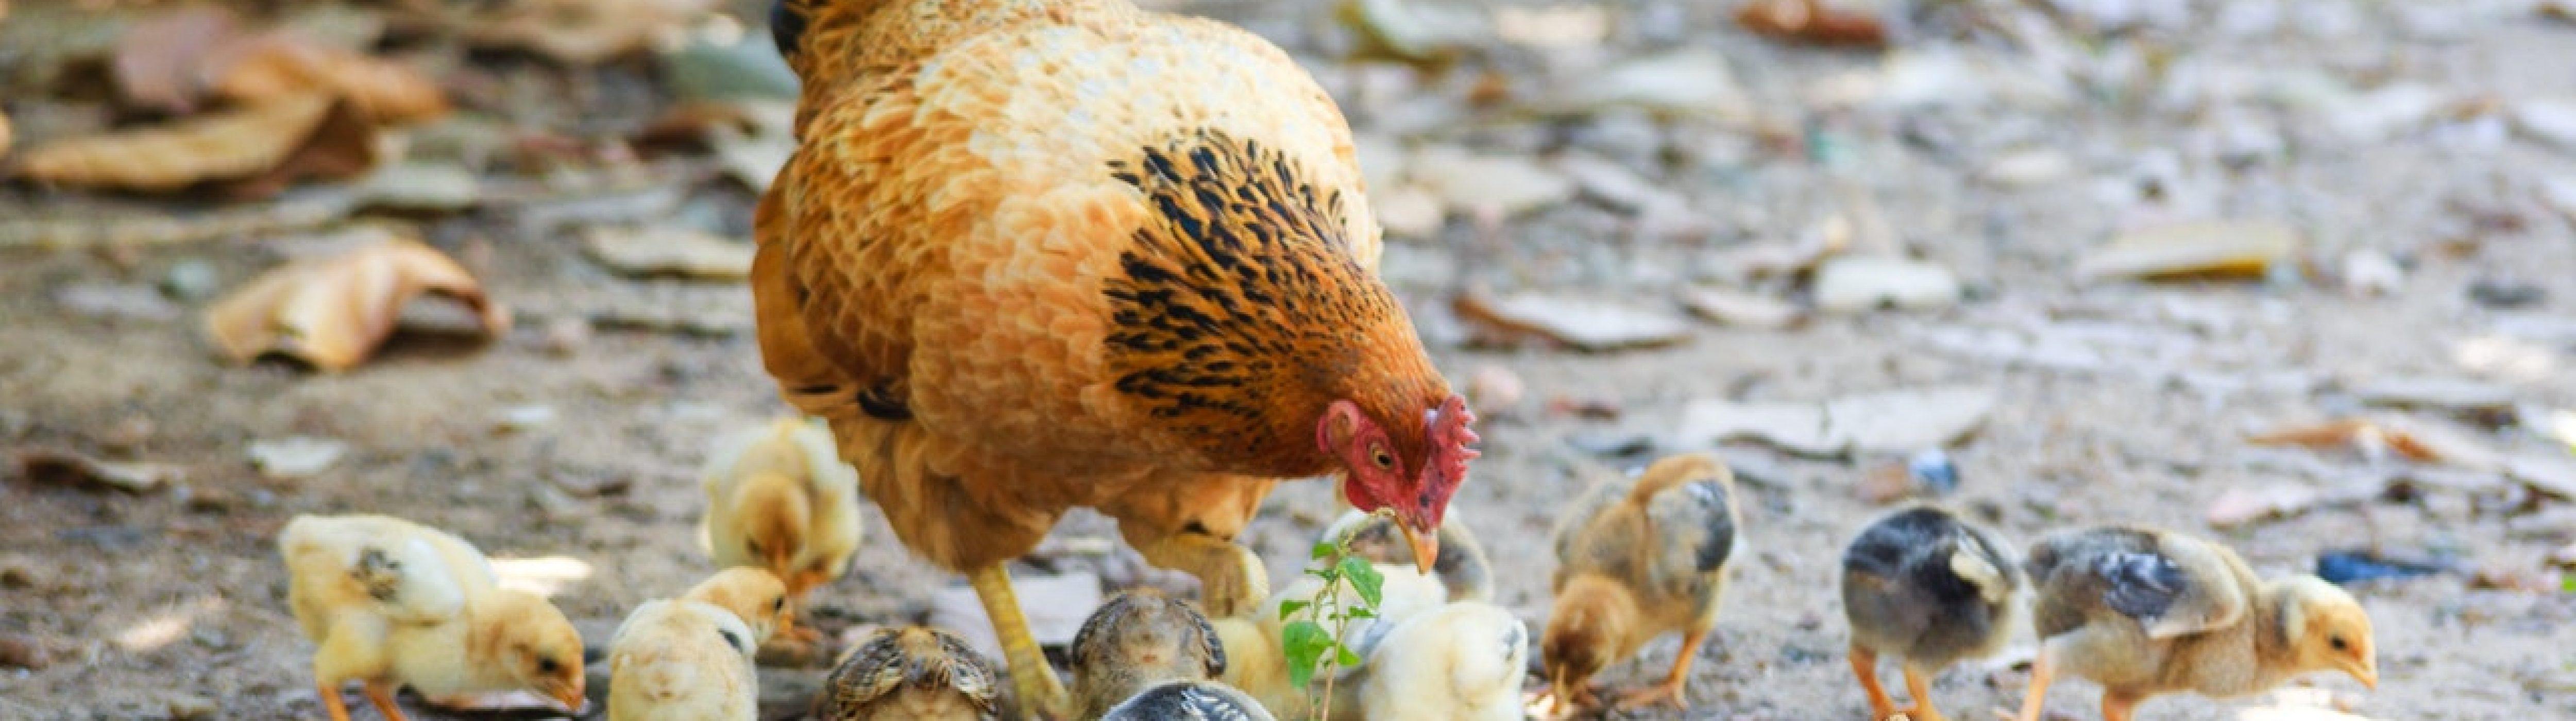 Een kip met kuikens voeders aan het oppikken